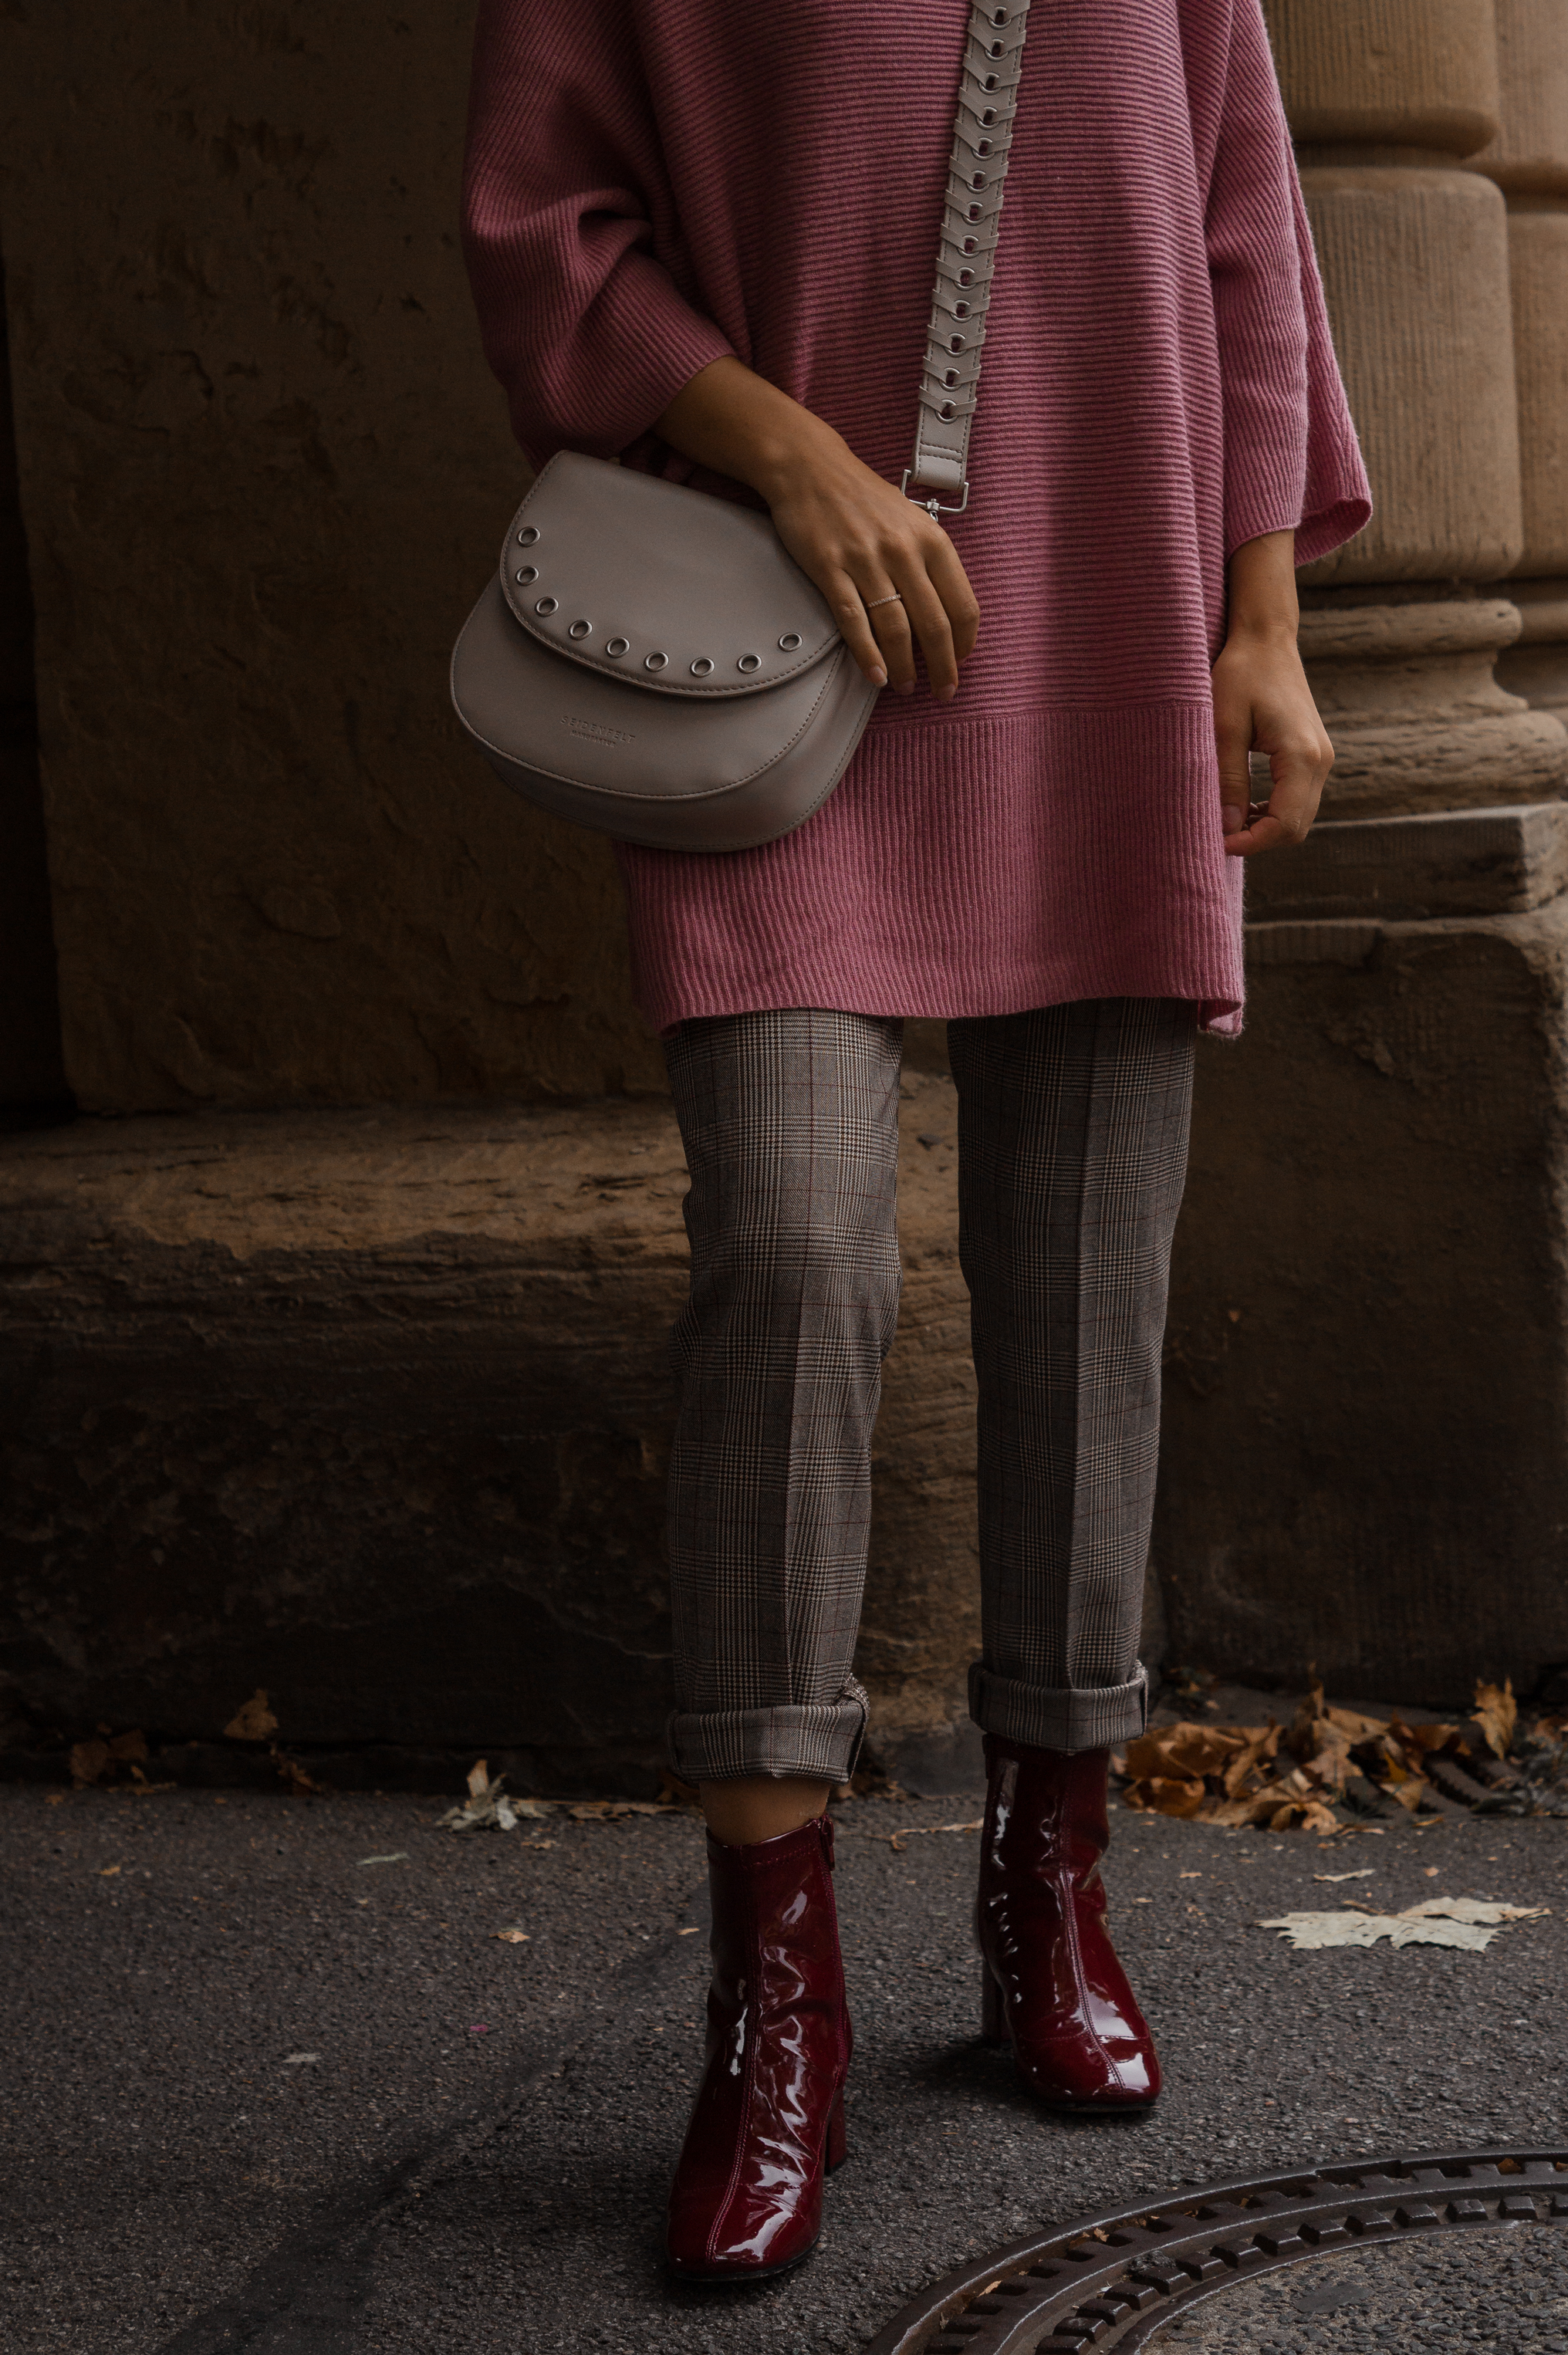 Instagram-Frust Seidenfelt Tasche Modeblogger Heidelberg Sariety Fashionblog Sarah Schäfer karierte Hose rote Lackschuhe_3